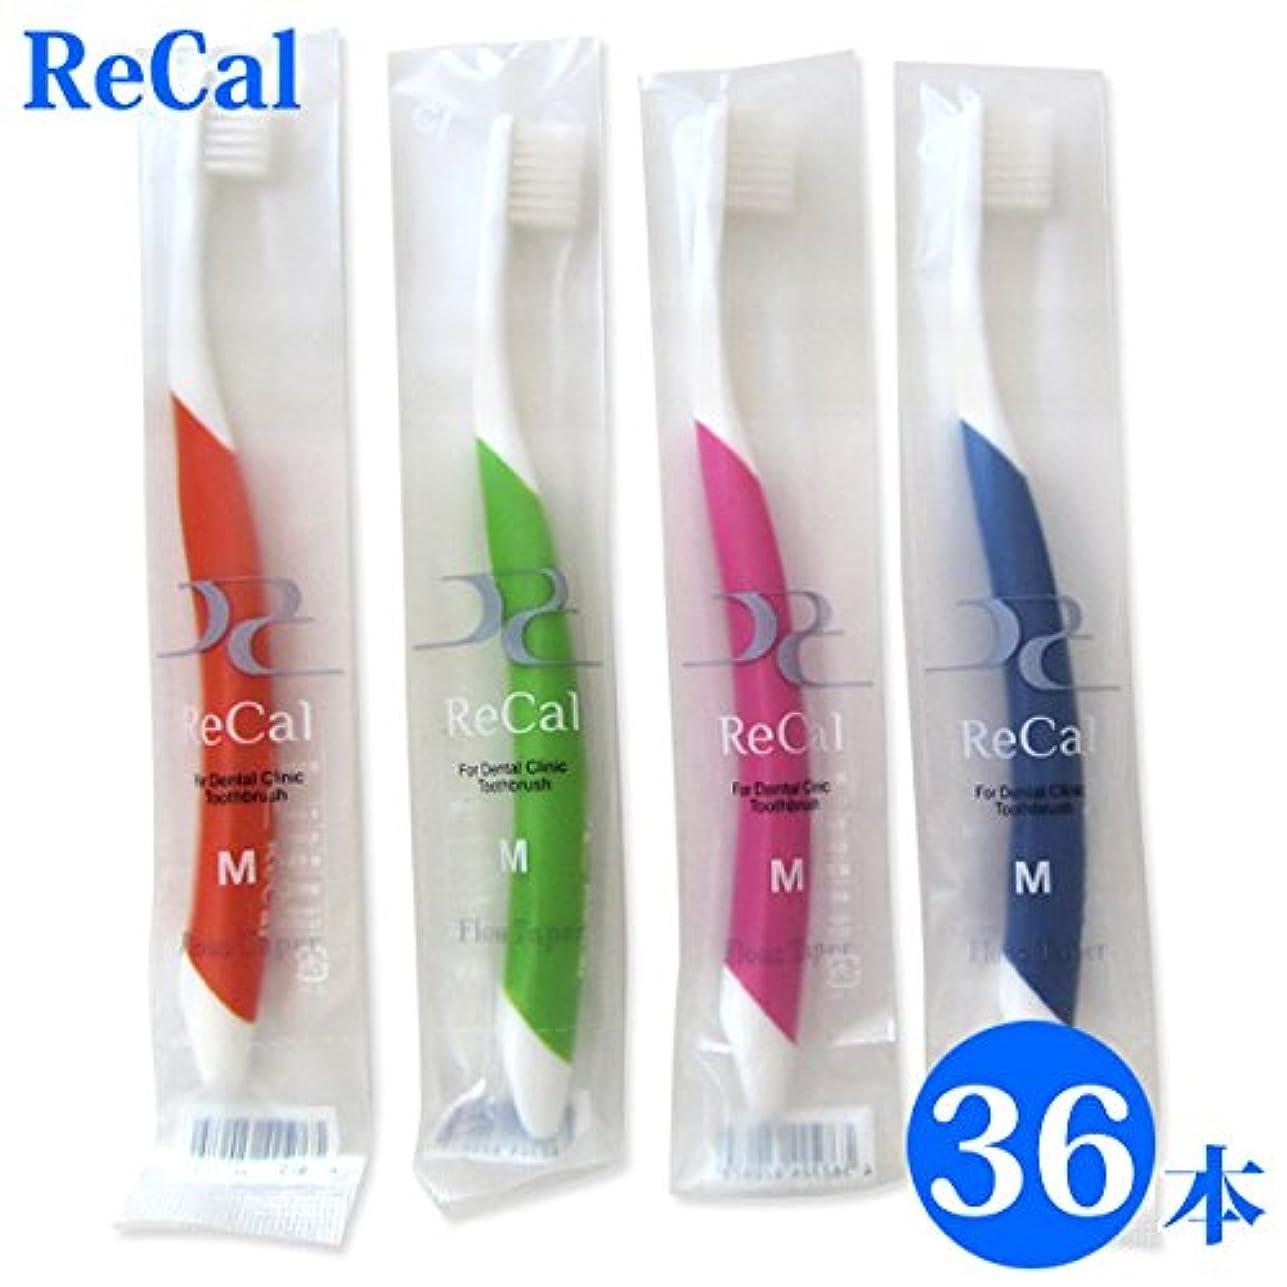 価値のない恵み安定しました36本入り 歯科医院専用商品 ReCal リカル M 大人用 一般 歯ブラシ4色アソート